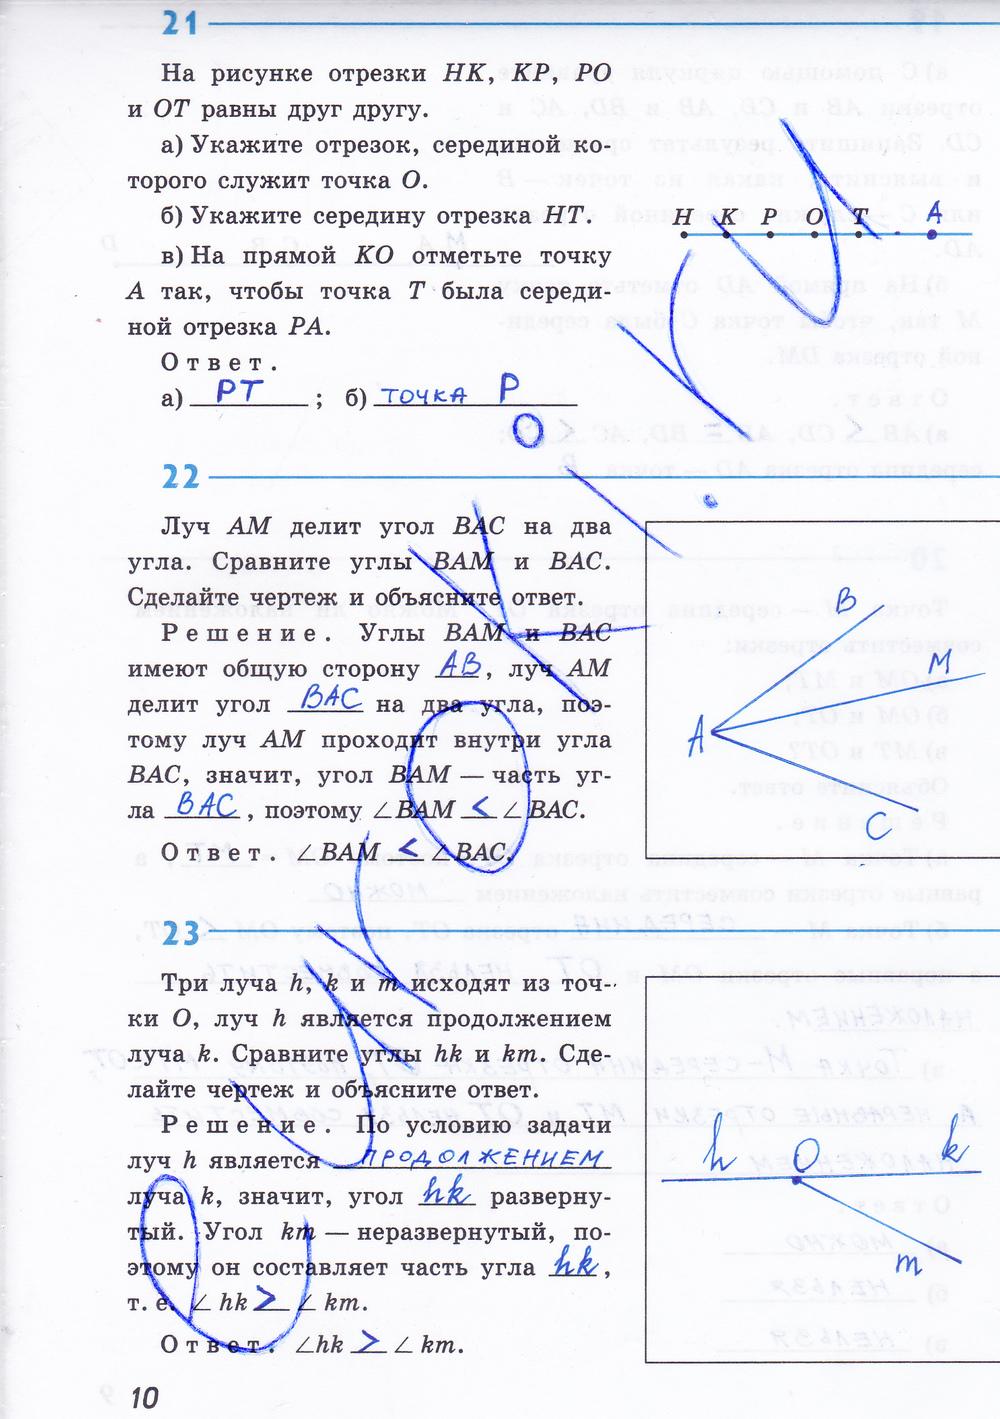 Гдз к рабочей тетради 10 класс по геометрии 7